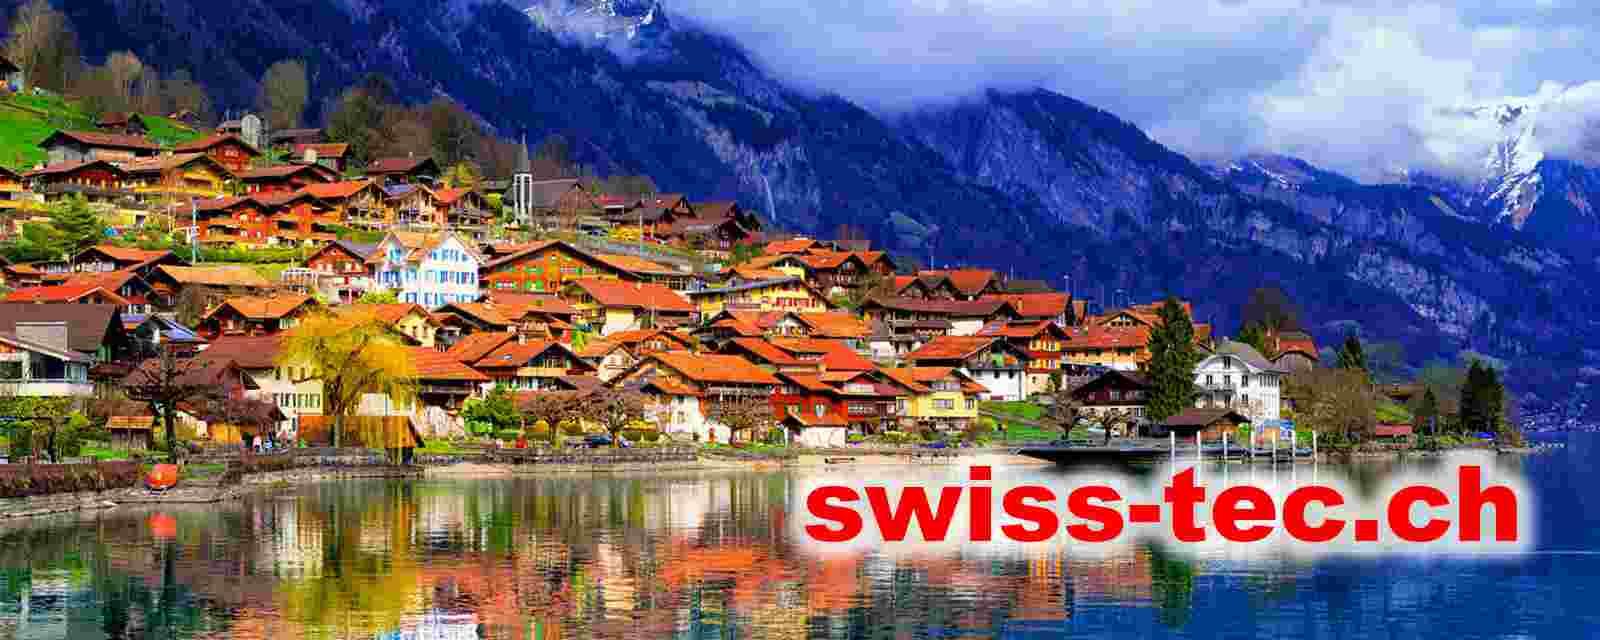 www.swiss-tec.ch